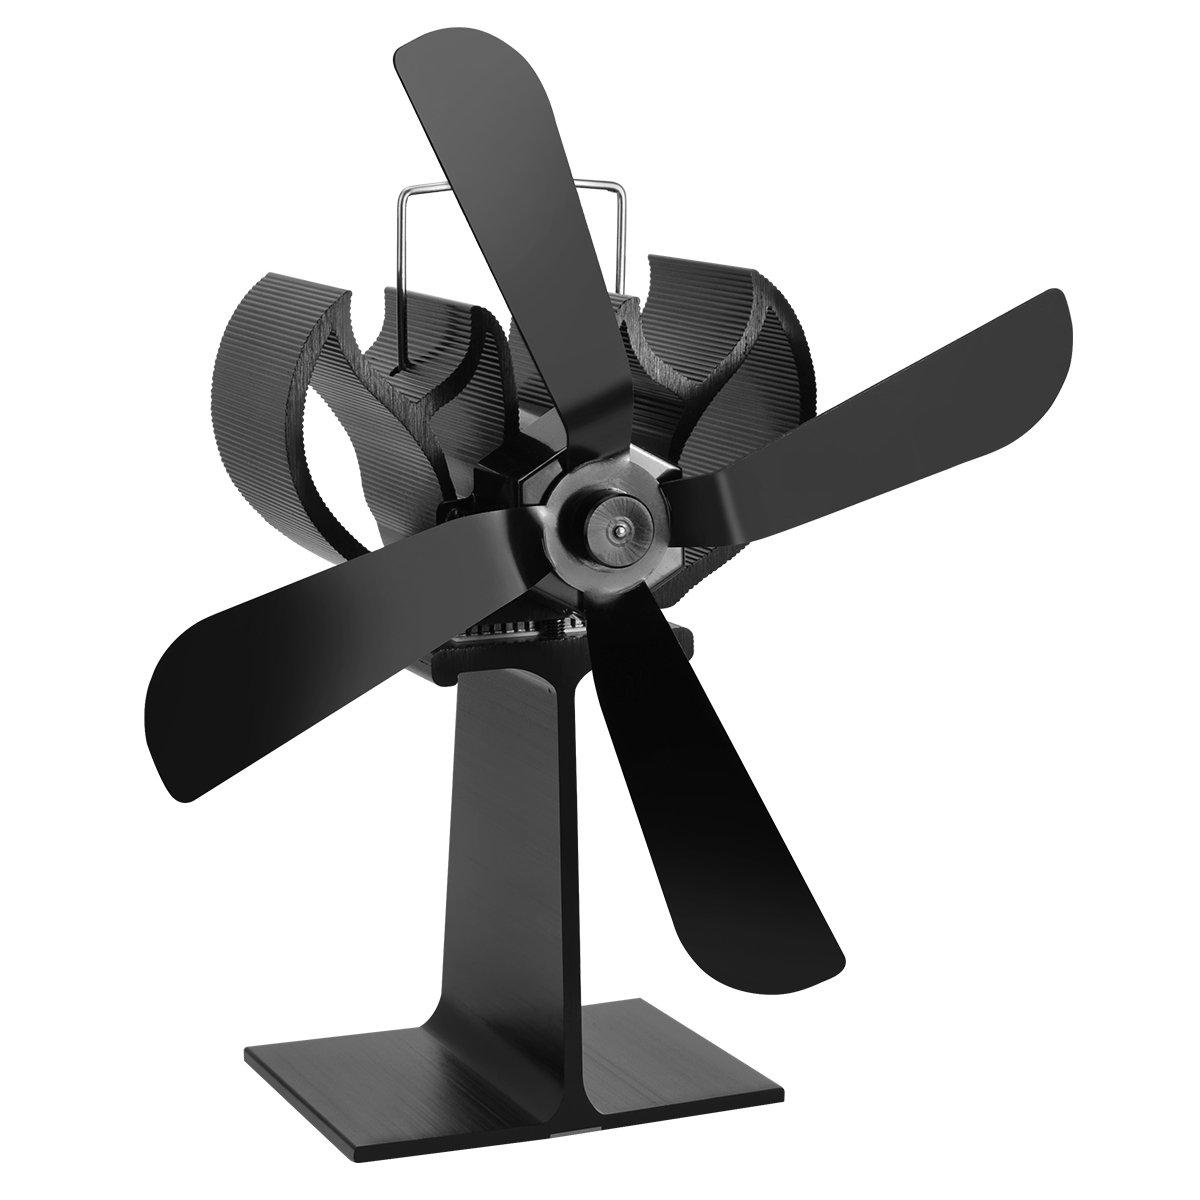 Cozywind Ventilador para Estufa de Leñ a o Chimenea en Invierno, con 4 aspas, Calefacció n de Energí a Té rmica Calefacción de Energía Térmica